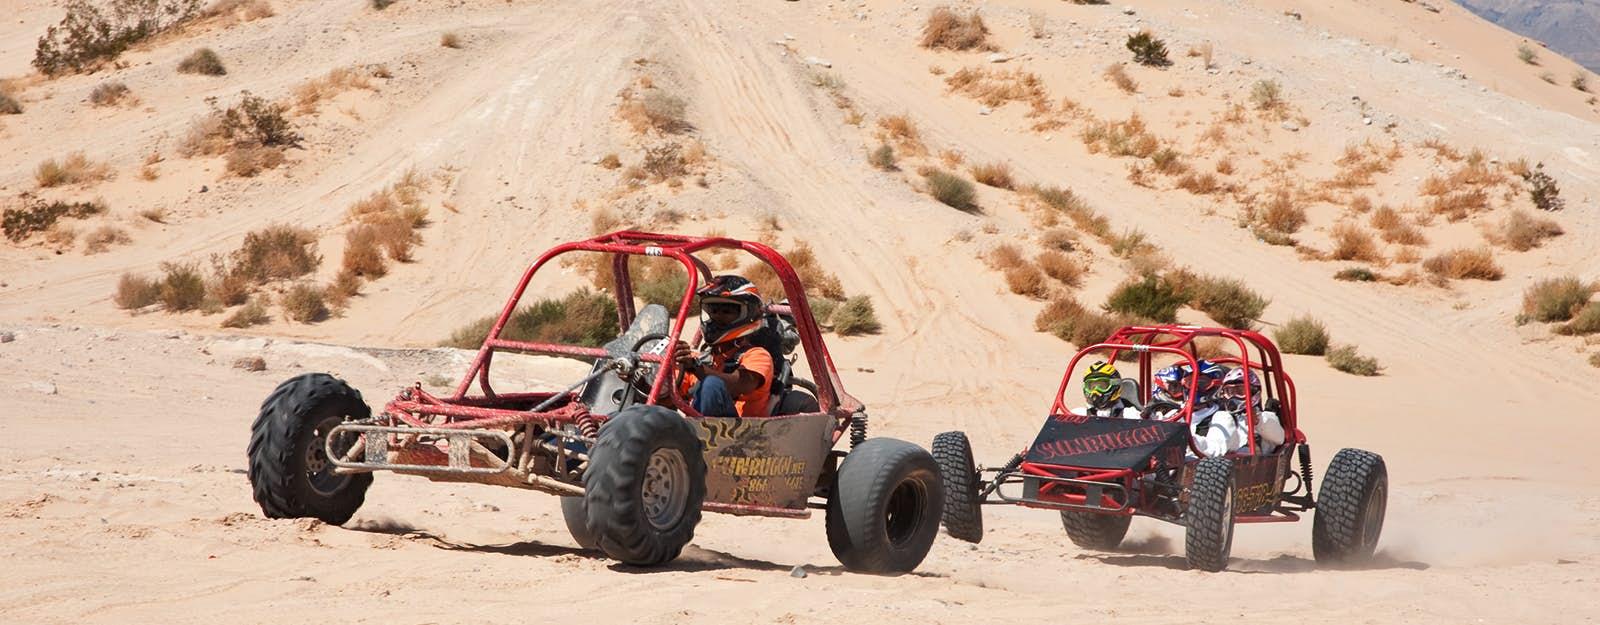 Passeio de buggy no deserto em Las Vegas